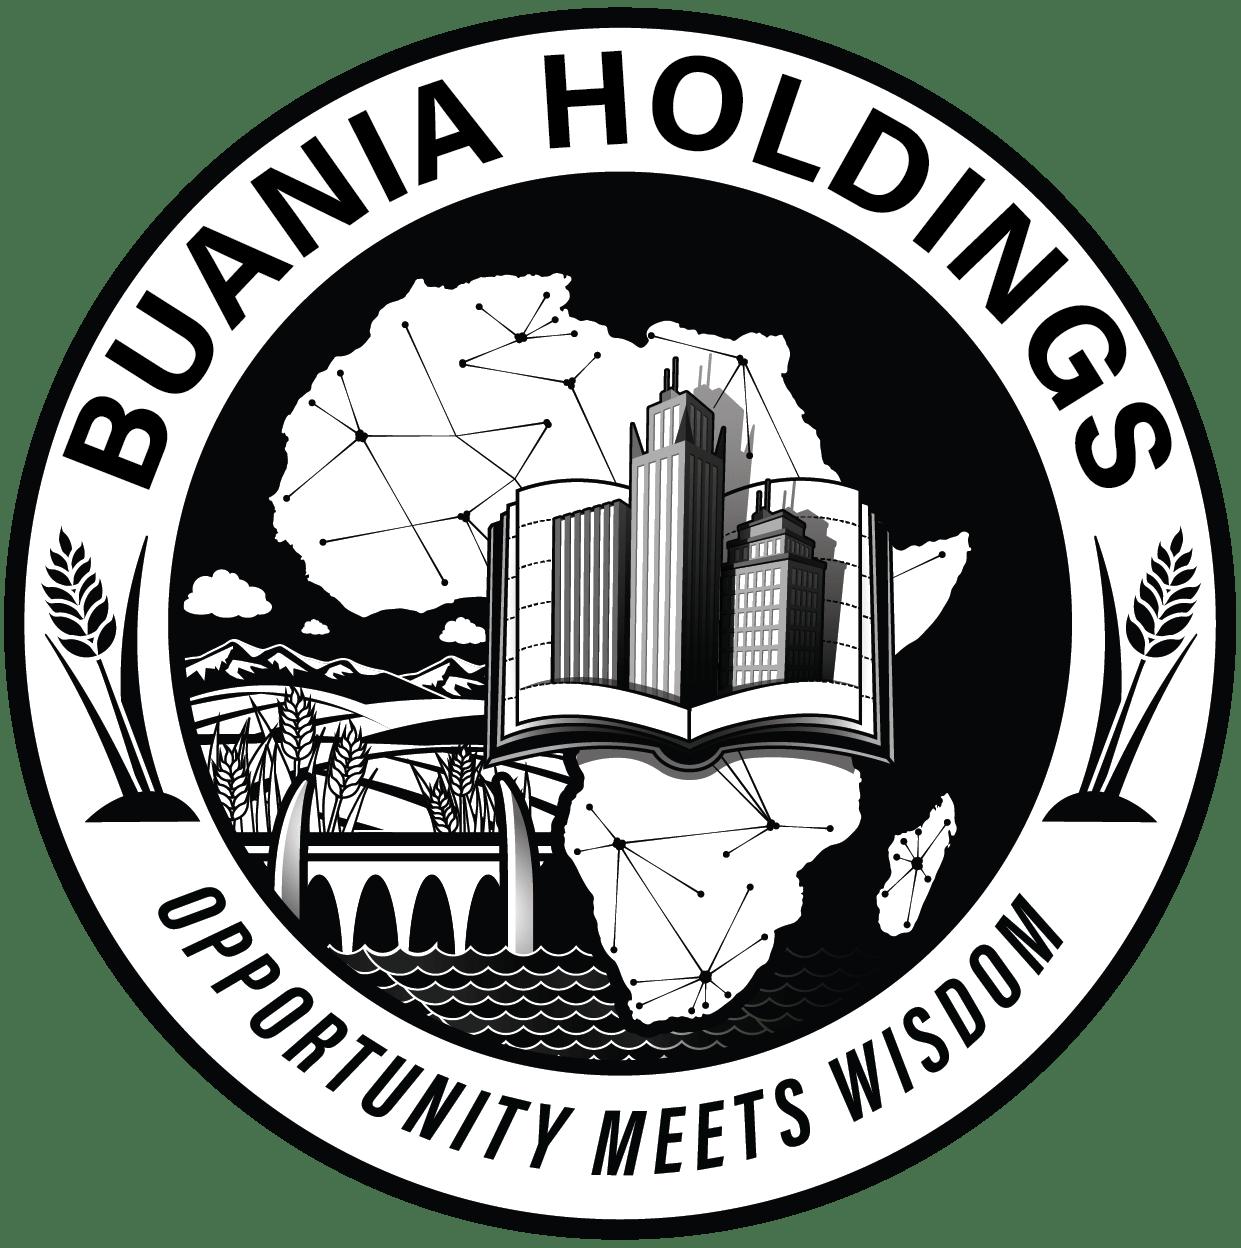 buania holdings